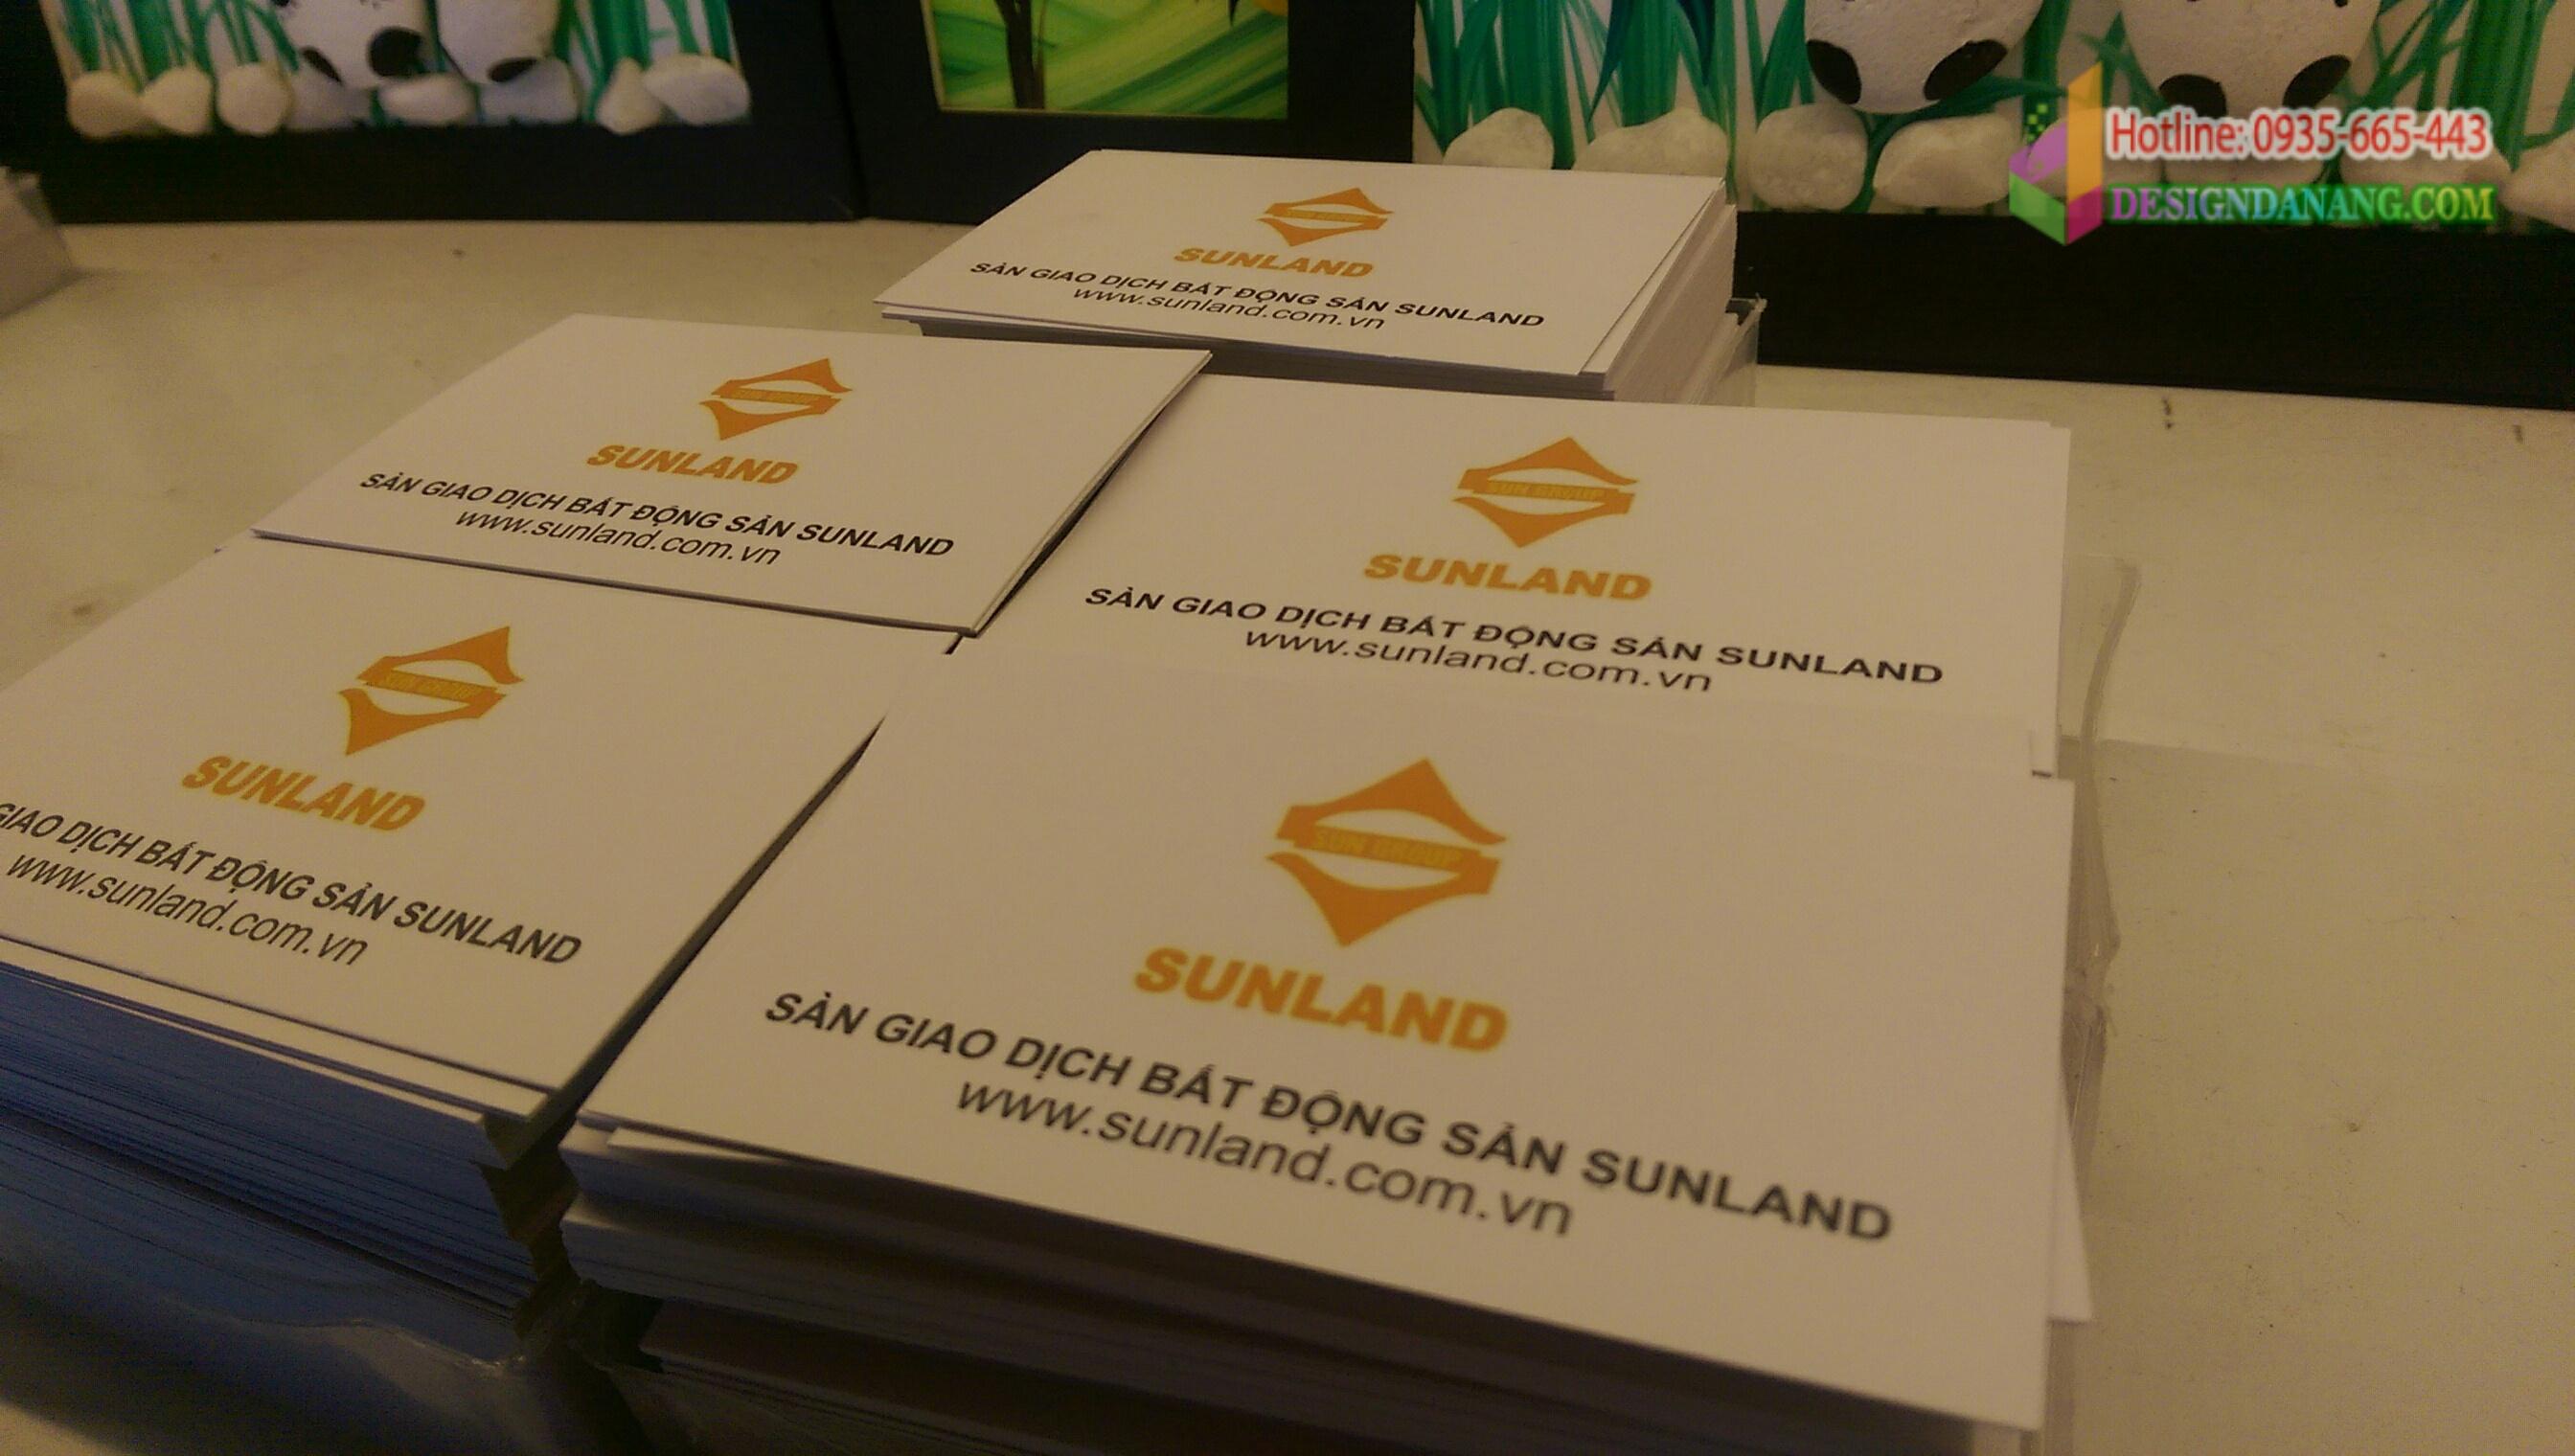 In name card bất động sản Sunland Đà Nẵng